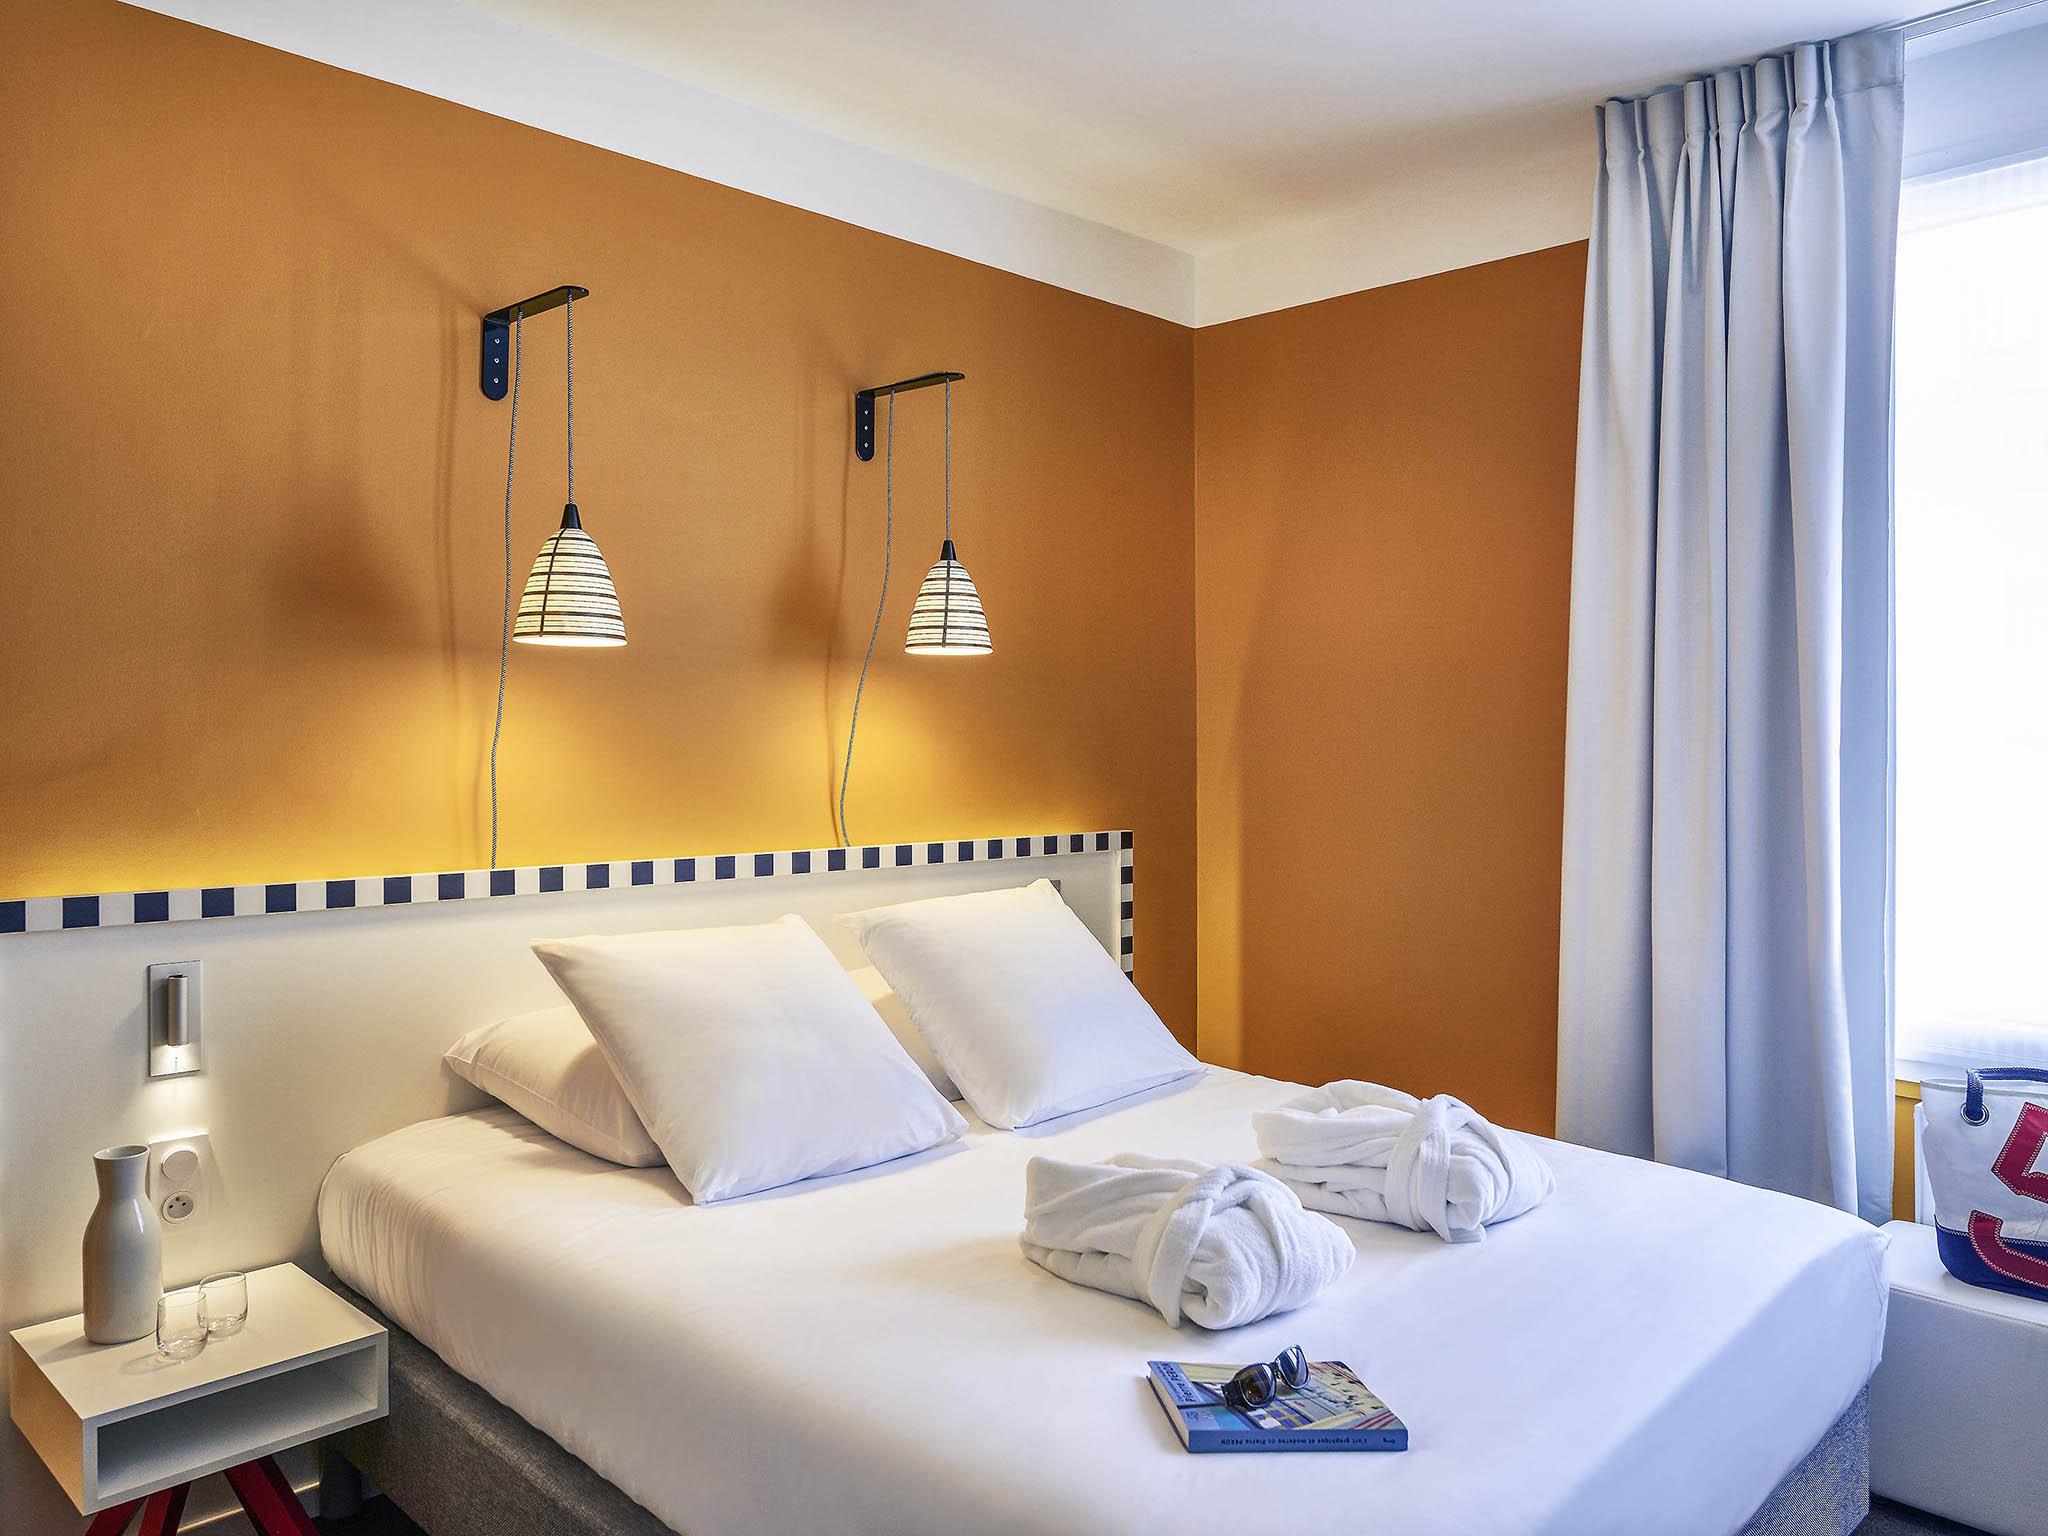 Hotel - Hotel Mercure Brest Les Voyageurs